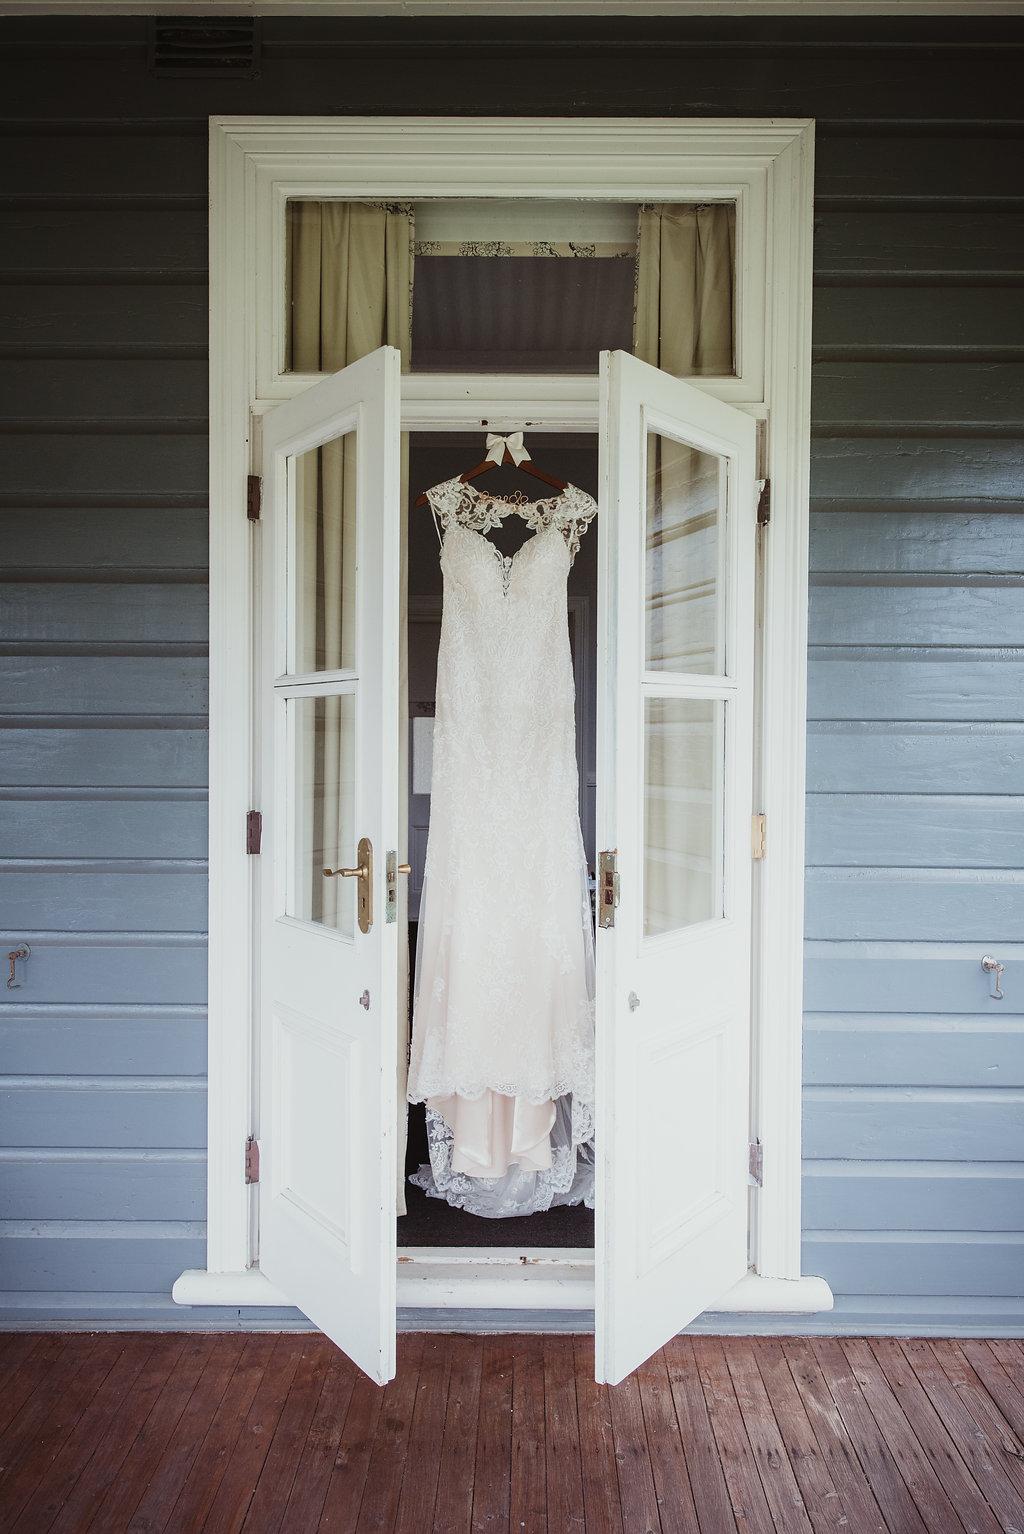 Brides Wedding Gown - Wedding Planning Hunter Valley